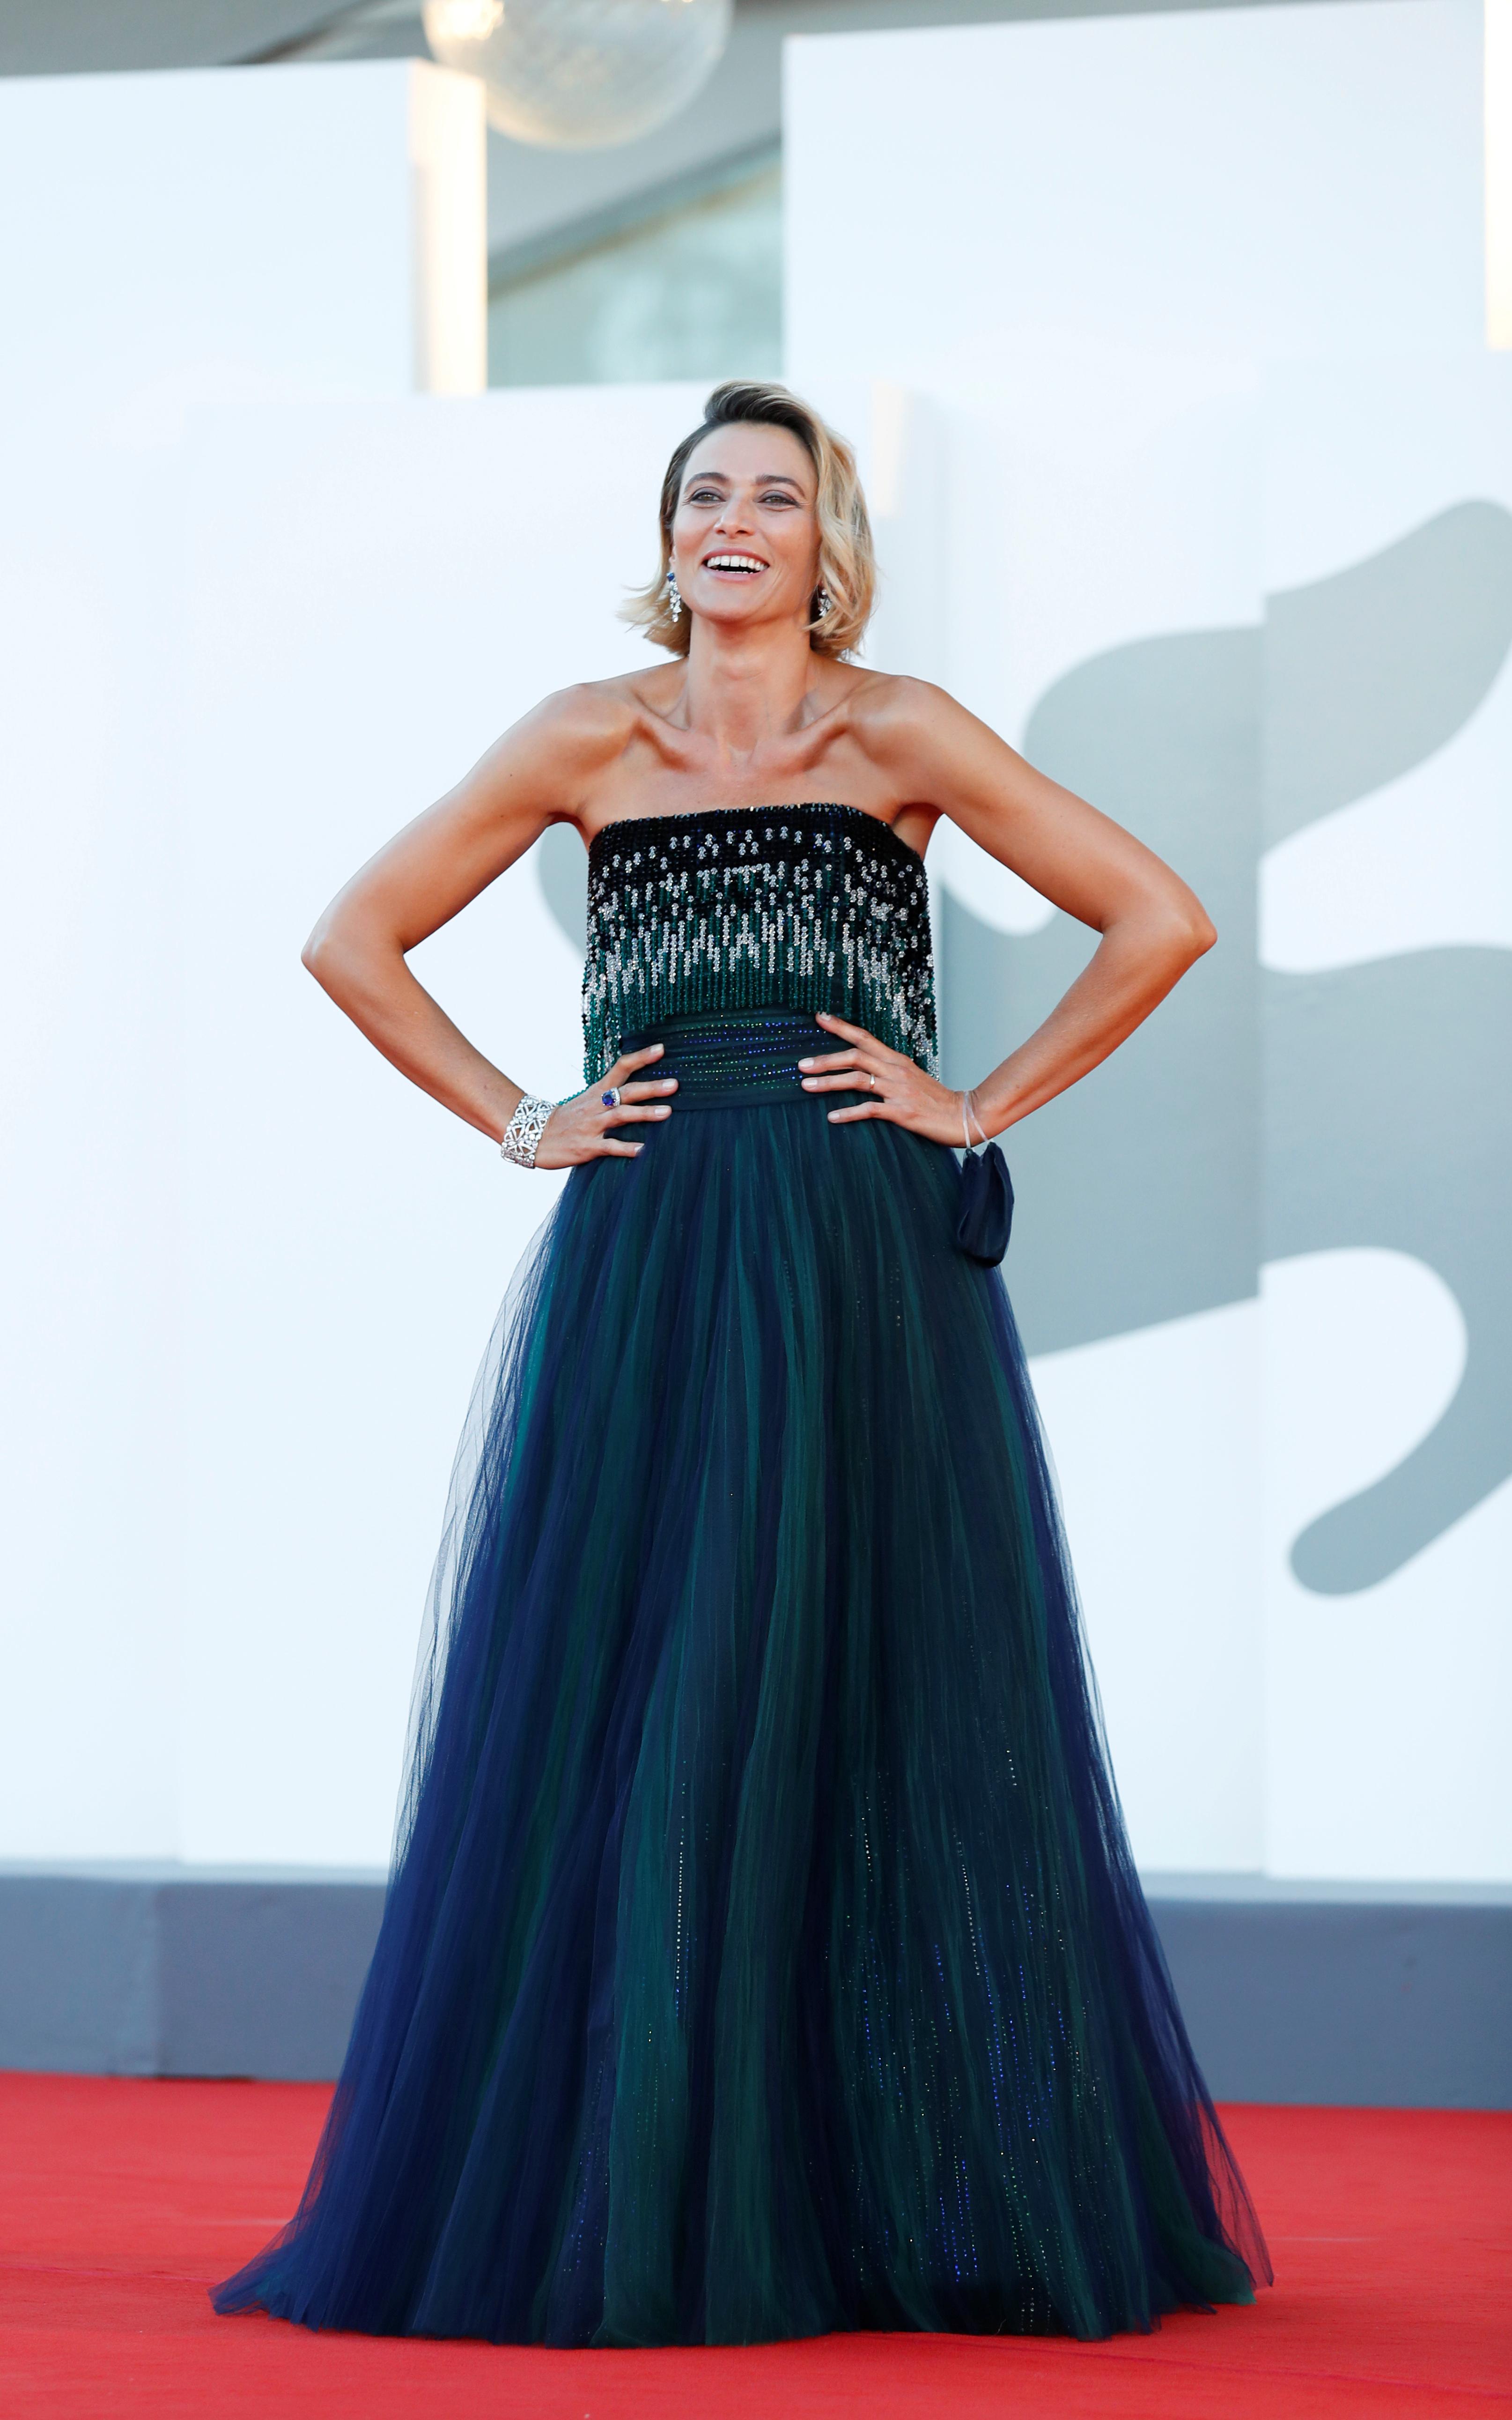 La actriz Anna Foglietta eligió una pieza de Armani Privé realizada en tul de diferentes gamas de azules y verdes con escote strapless y bordado en cascada